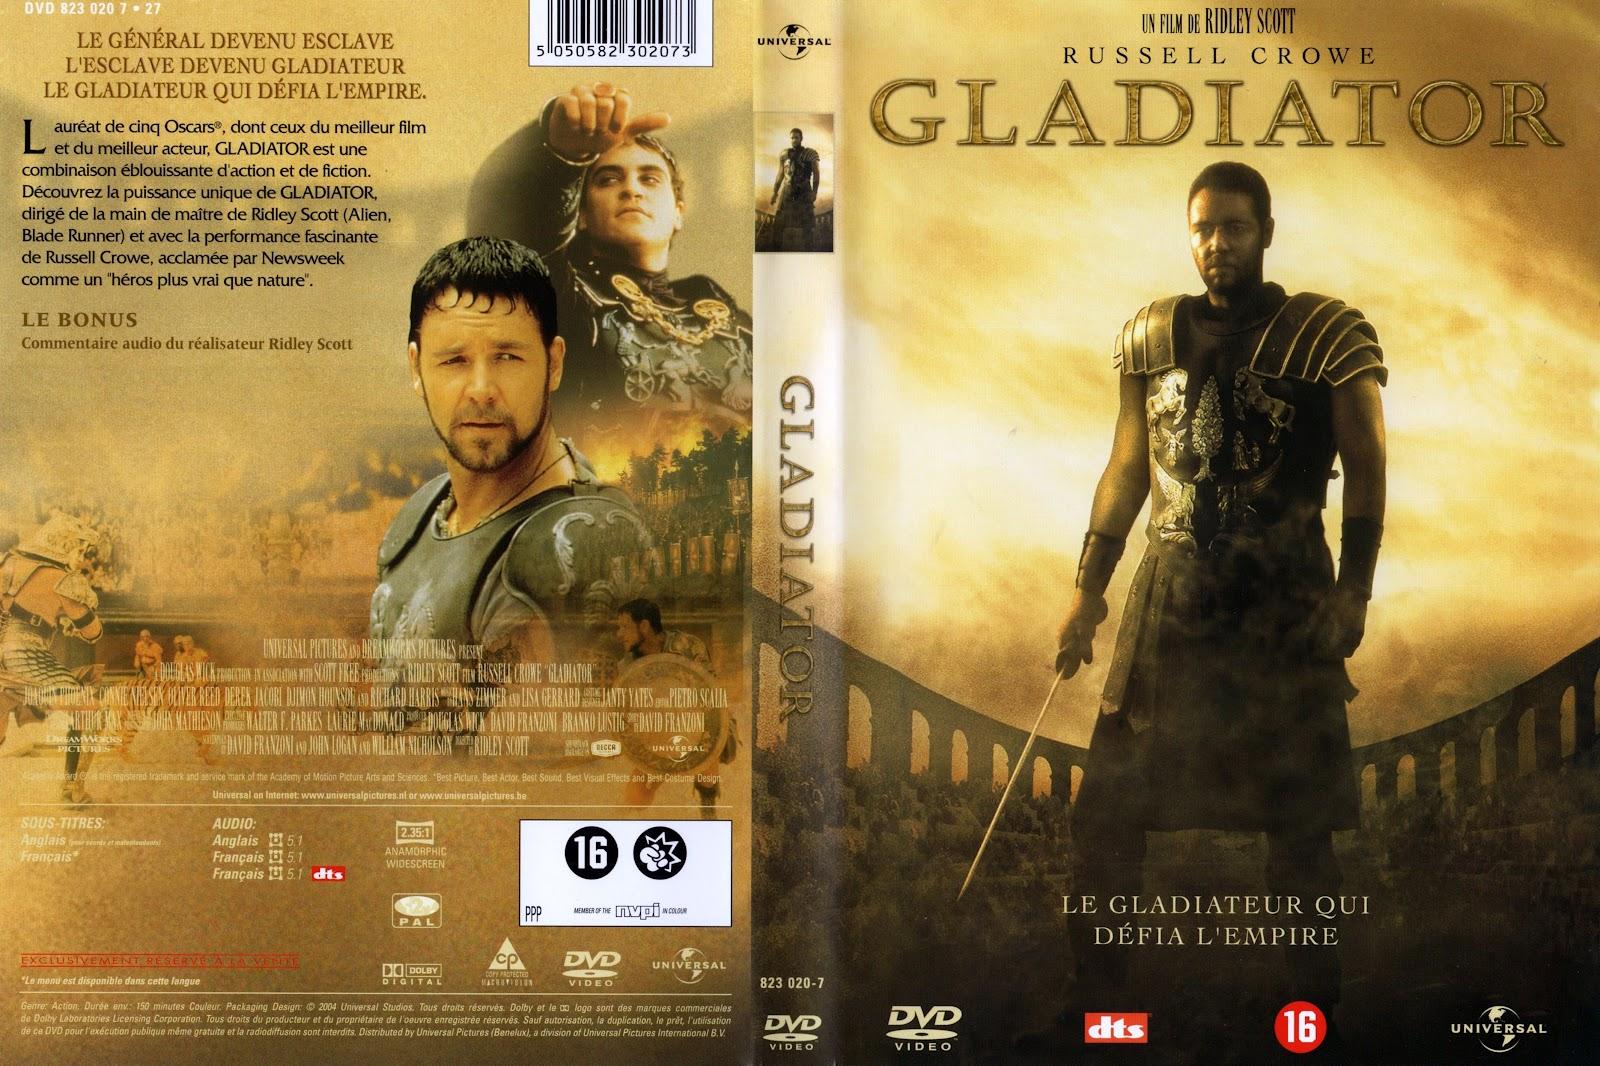 Gladiator Dvd Disk Cover